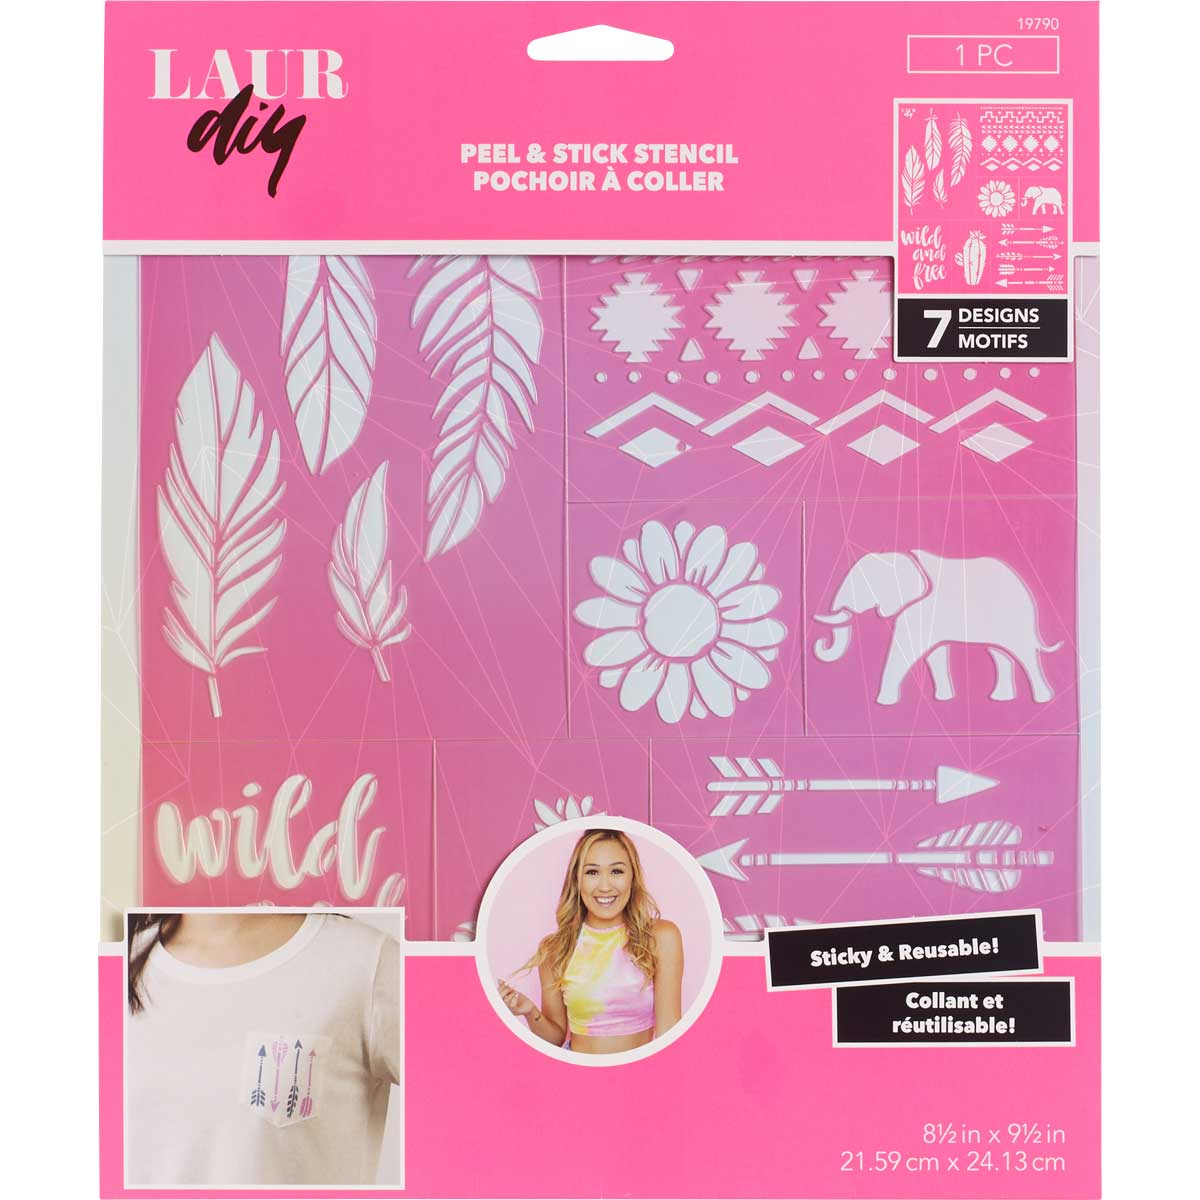 LaurDIY ® Peel & Stick Stencils - Large - Gypsy Spirit